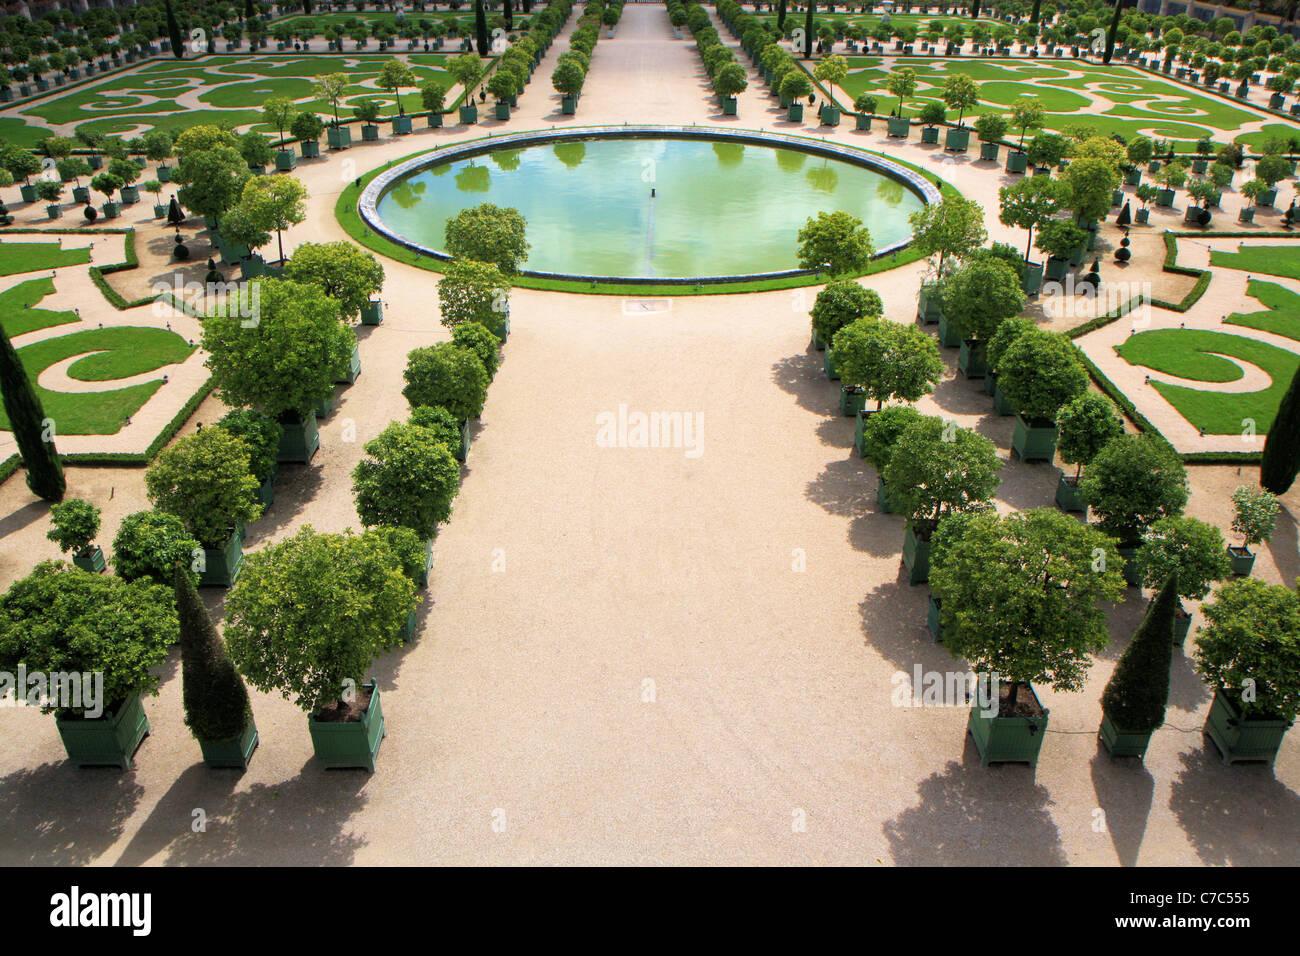 La reggia di versailles apre i giardini tutti in maschera per il